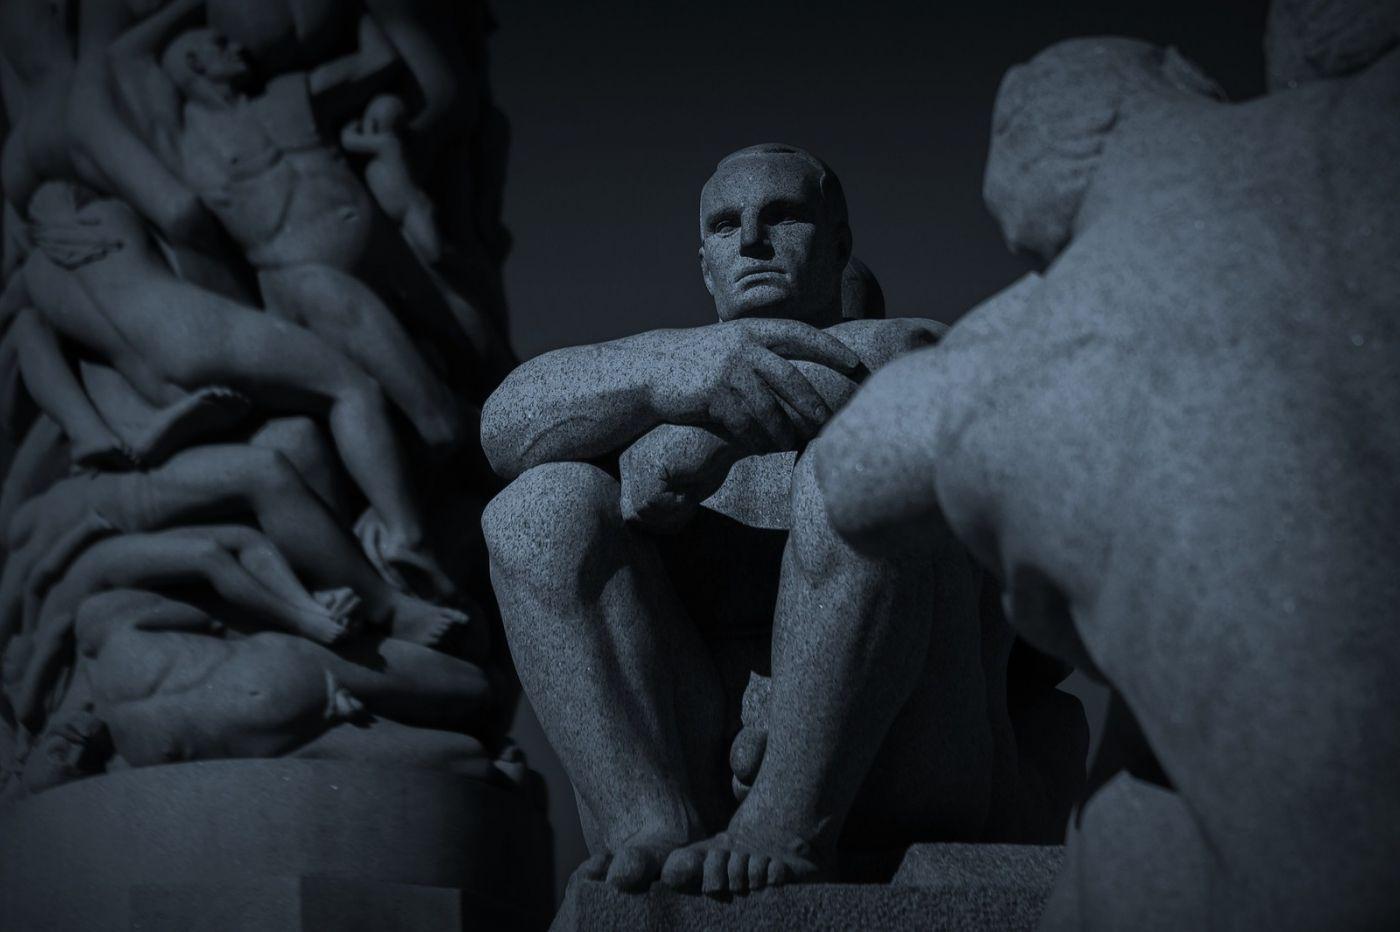 挪威维格兰雕塑公园,艺术的确来自生活_图1-2